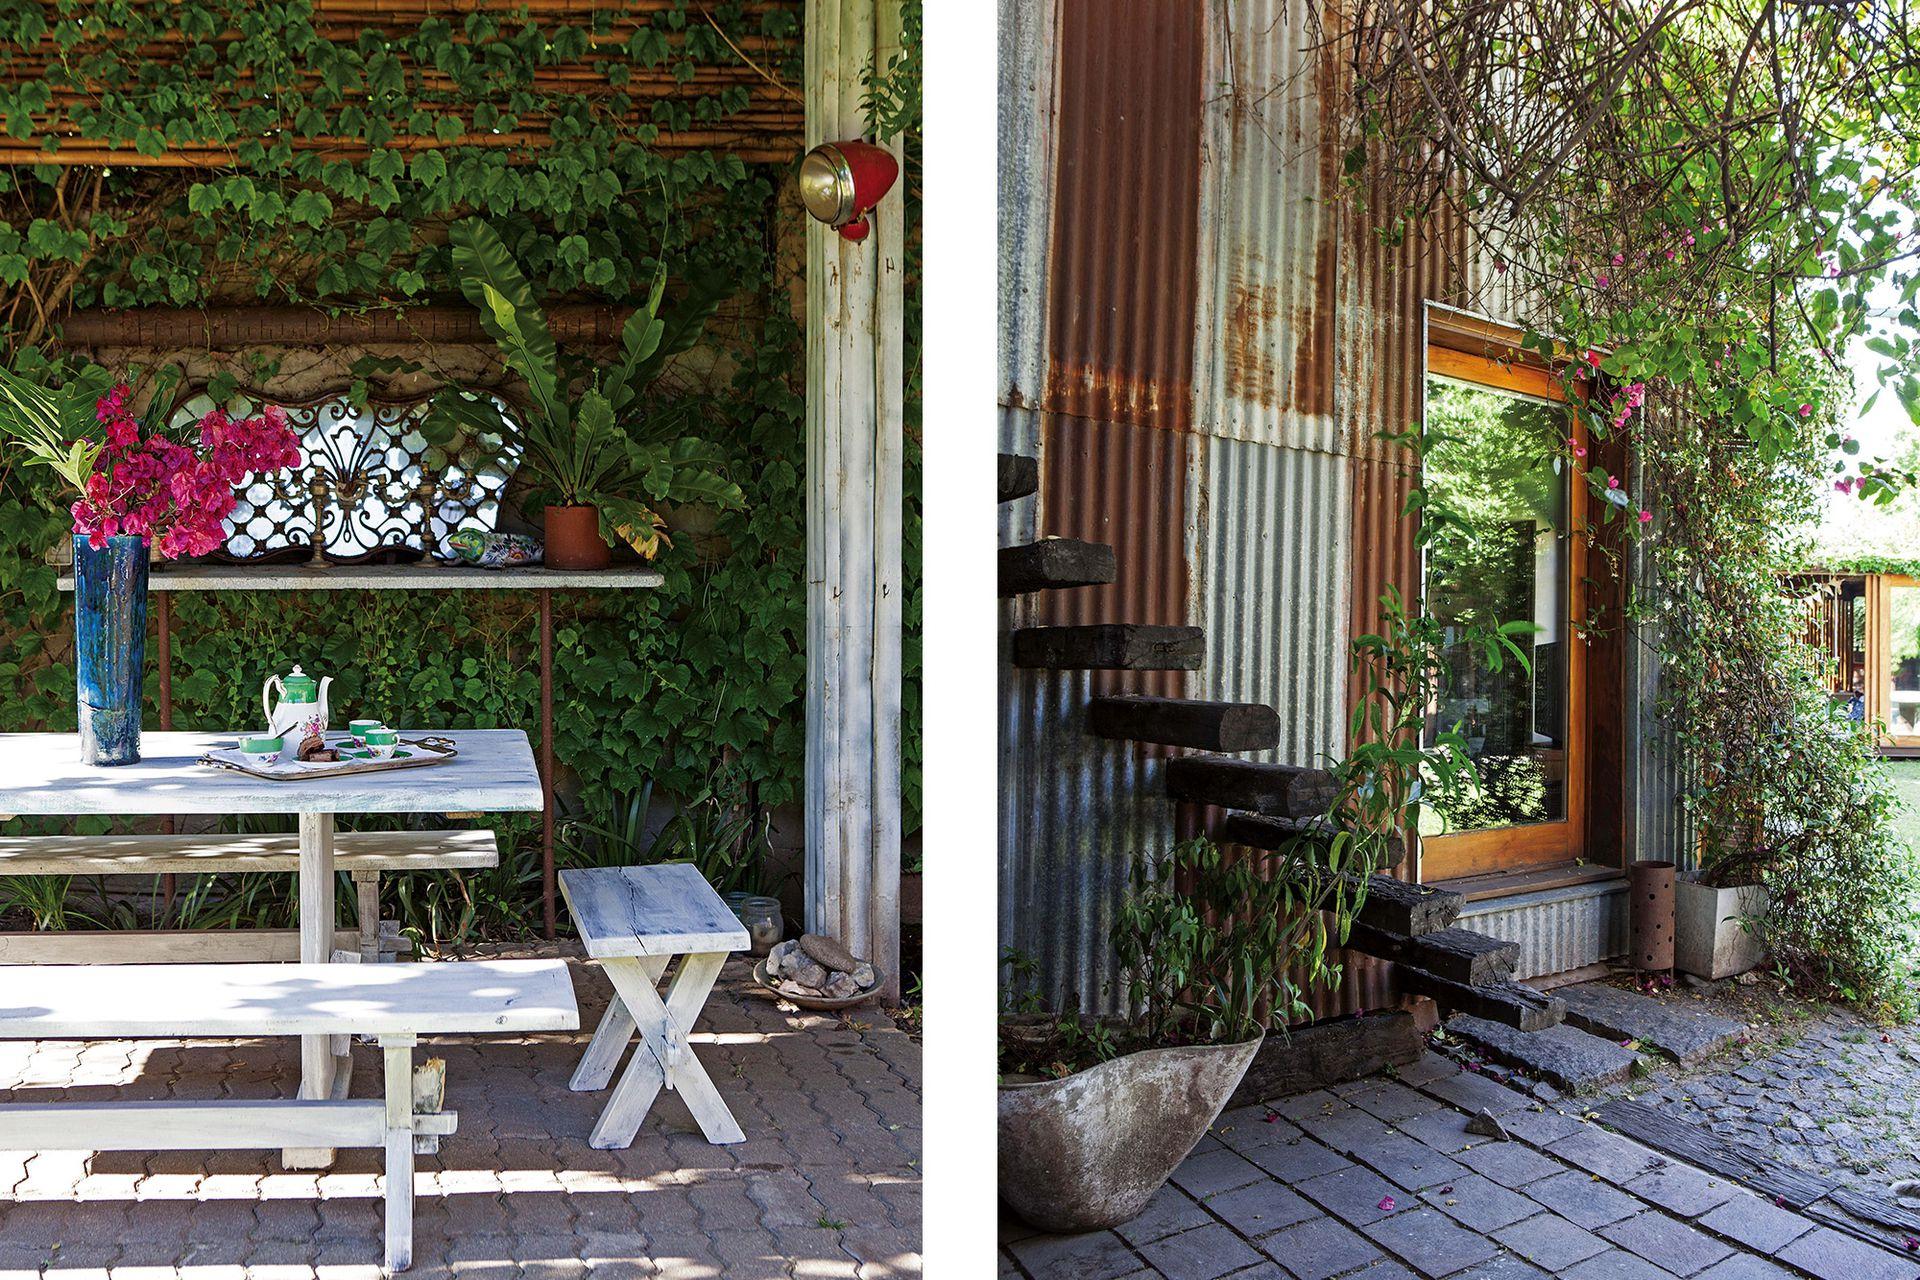 En el quincho, mesa y bancos de madera pintados de blanco y un espejo de anticuario.